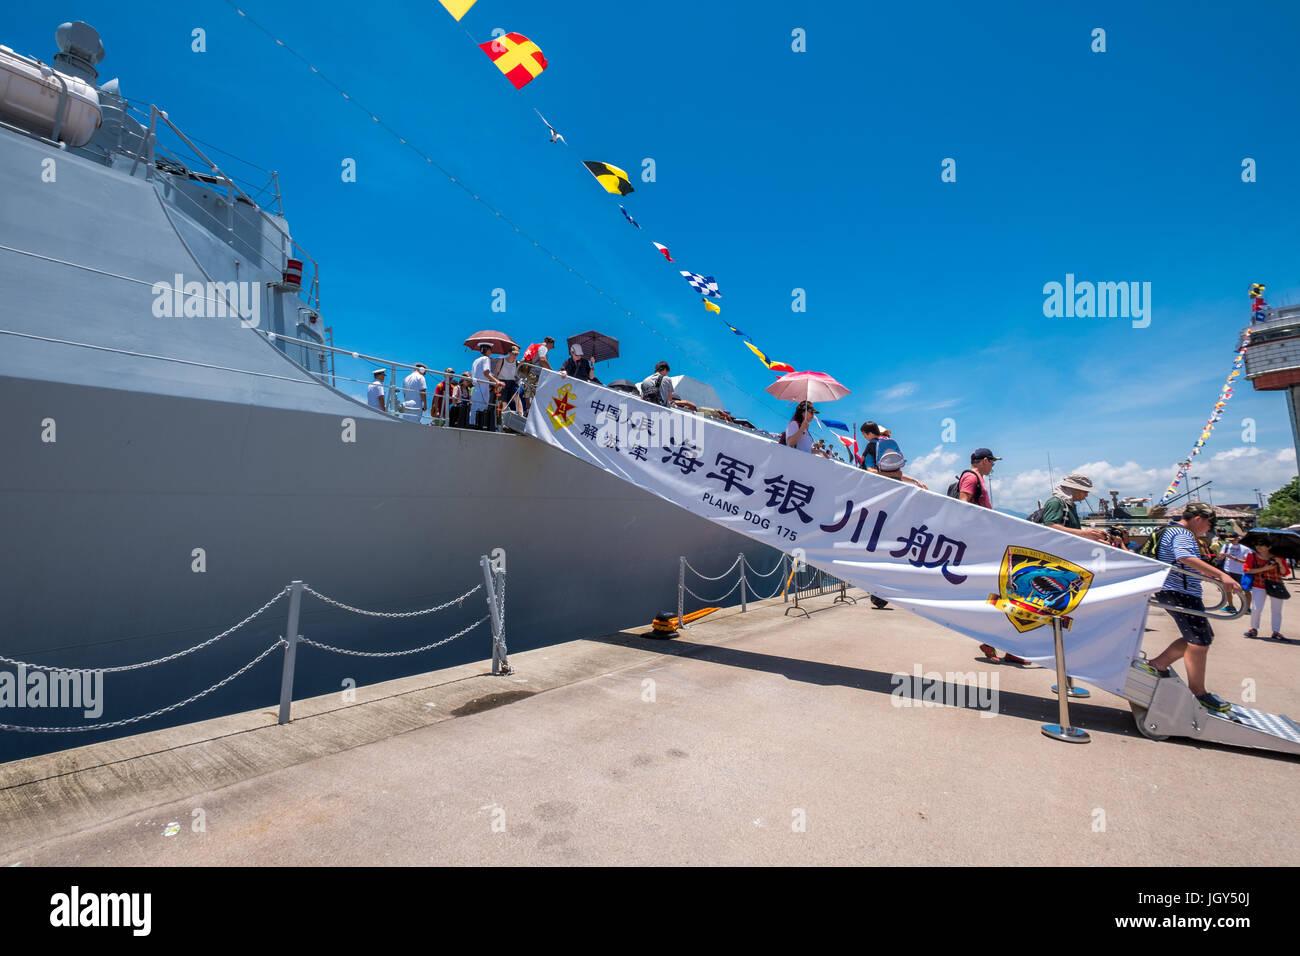 Ngong Shuen Chau Naval Base, Hong Kong - 9. Juni 2017: Yinchuan (Nr. 175) Zerstörer besuchte Hongkong und wurde für die Öffentlichkeit geöffnet. Stockfoto